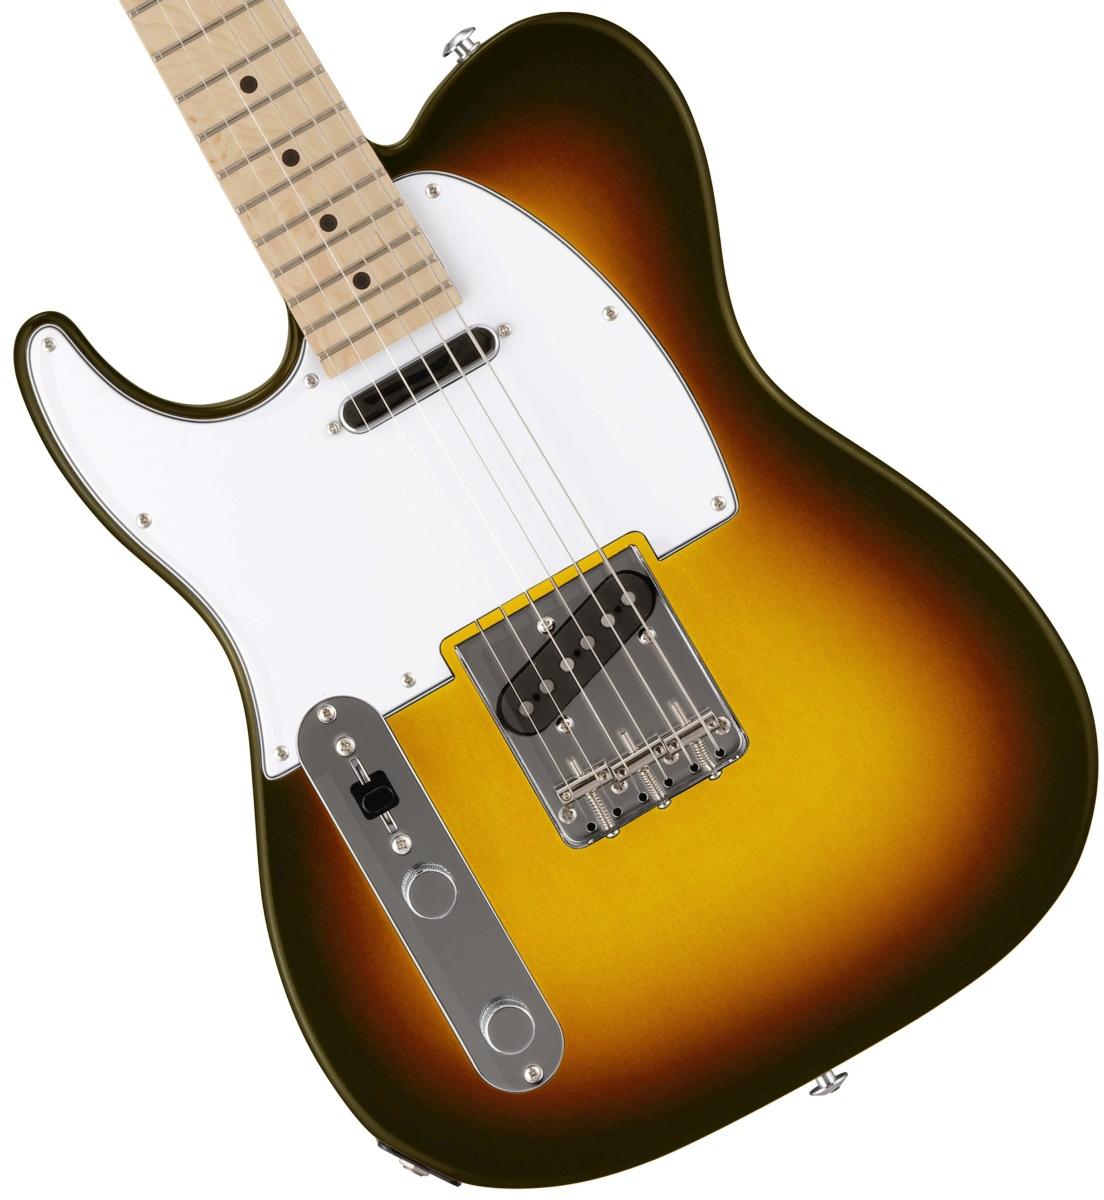 Greco / WST-STD/LH Sunburst (SB) Maple Fingerboard グレコ【左利き用モデル】【お取り寄せ商品】